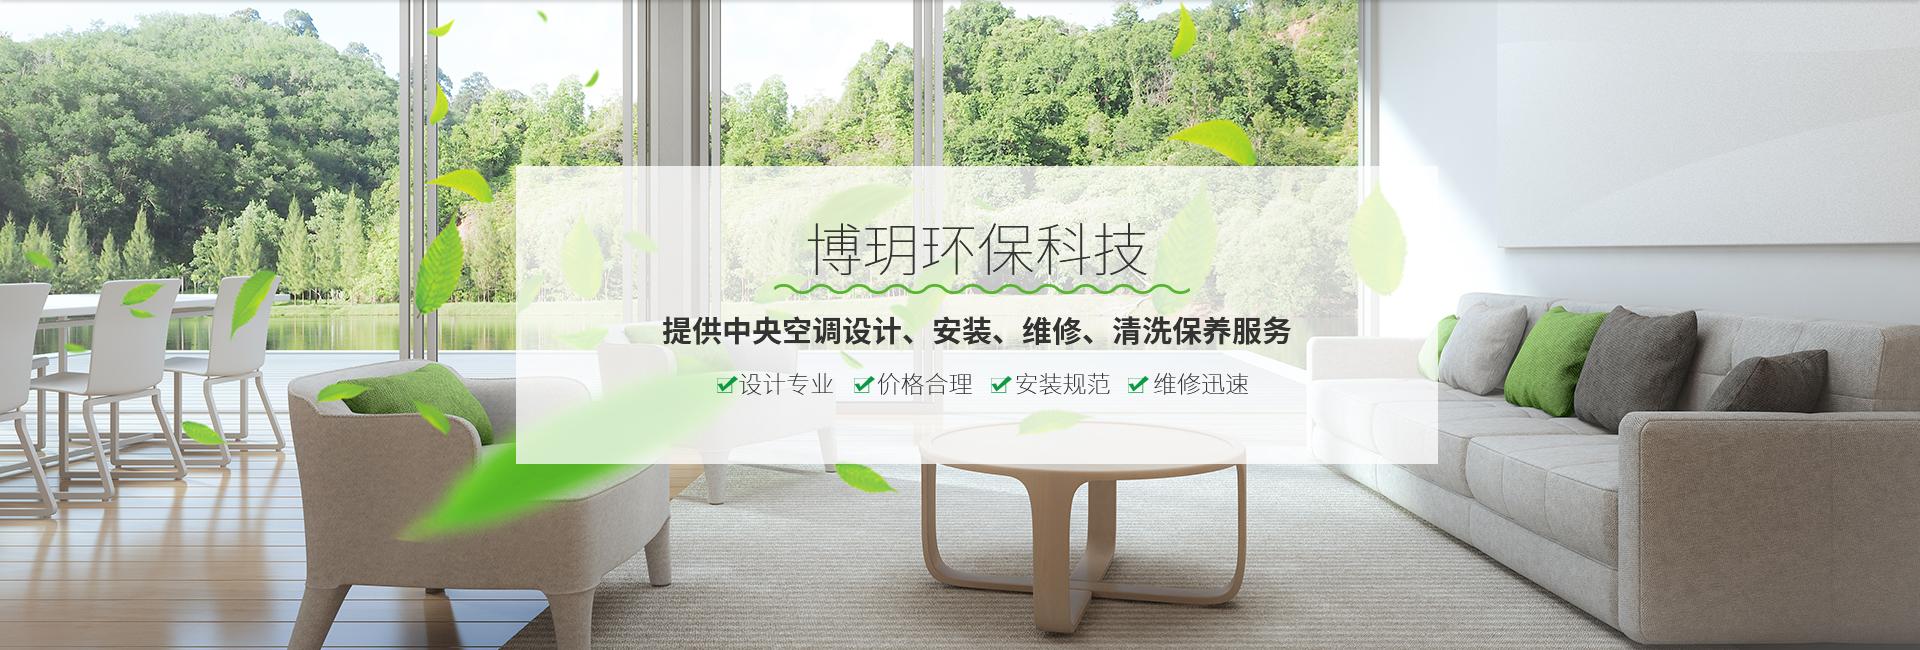 重庆空调清洗消毒